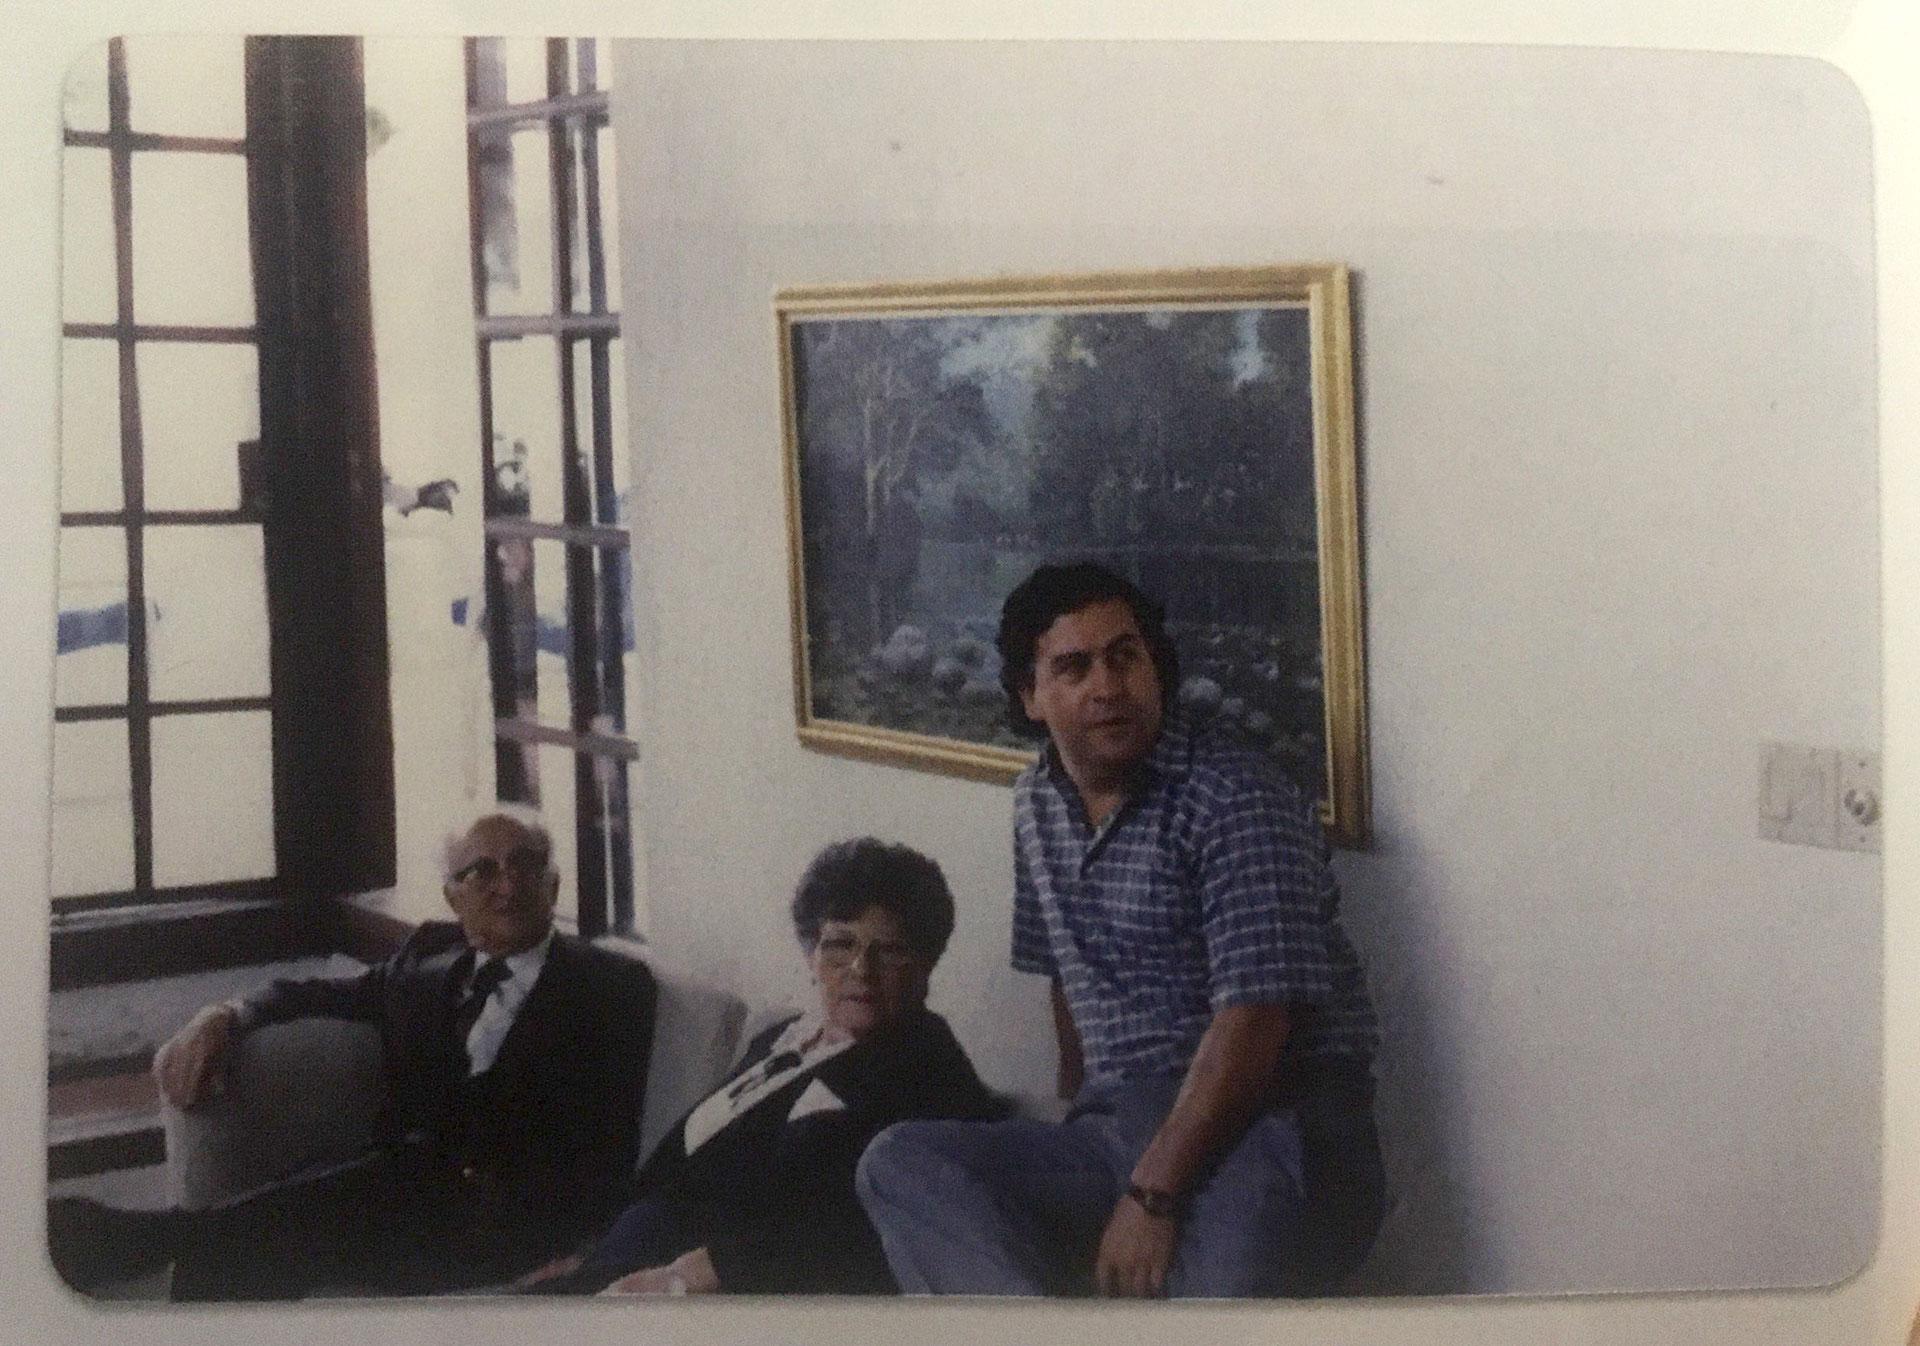 1987. Pablo Escobar en la casa de refugio conocida como El Paraíso. En la fotografía están la madre del capo narco, Hermilda, y el padre de Victoria Henao, Carlos (Victoria Eugenia Henao / Editorial Planeta)